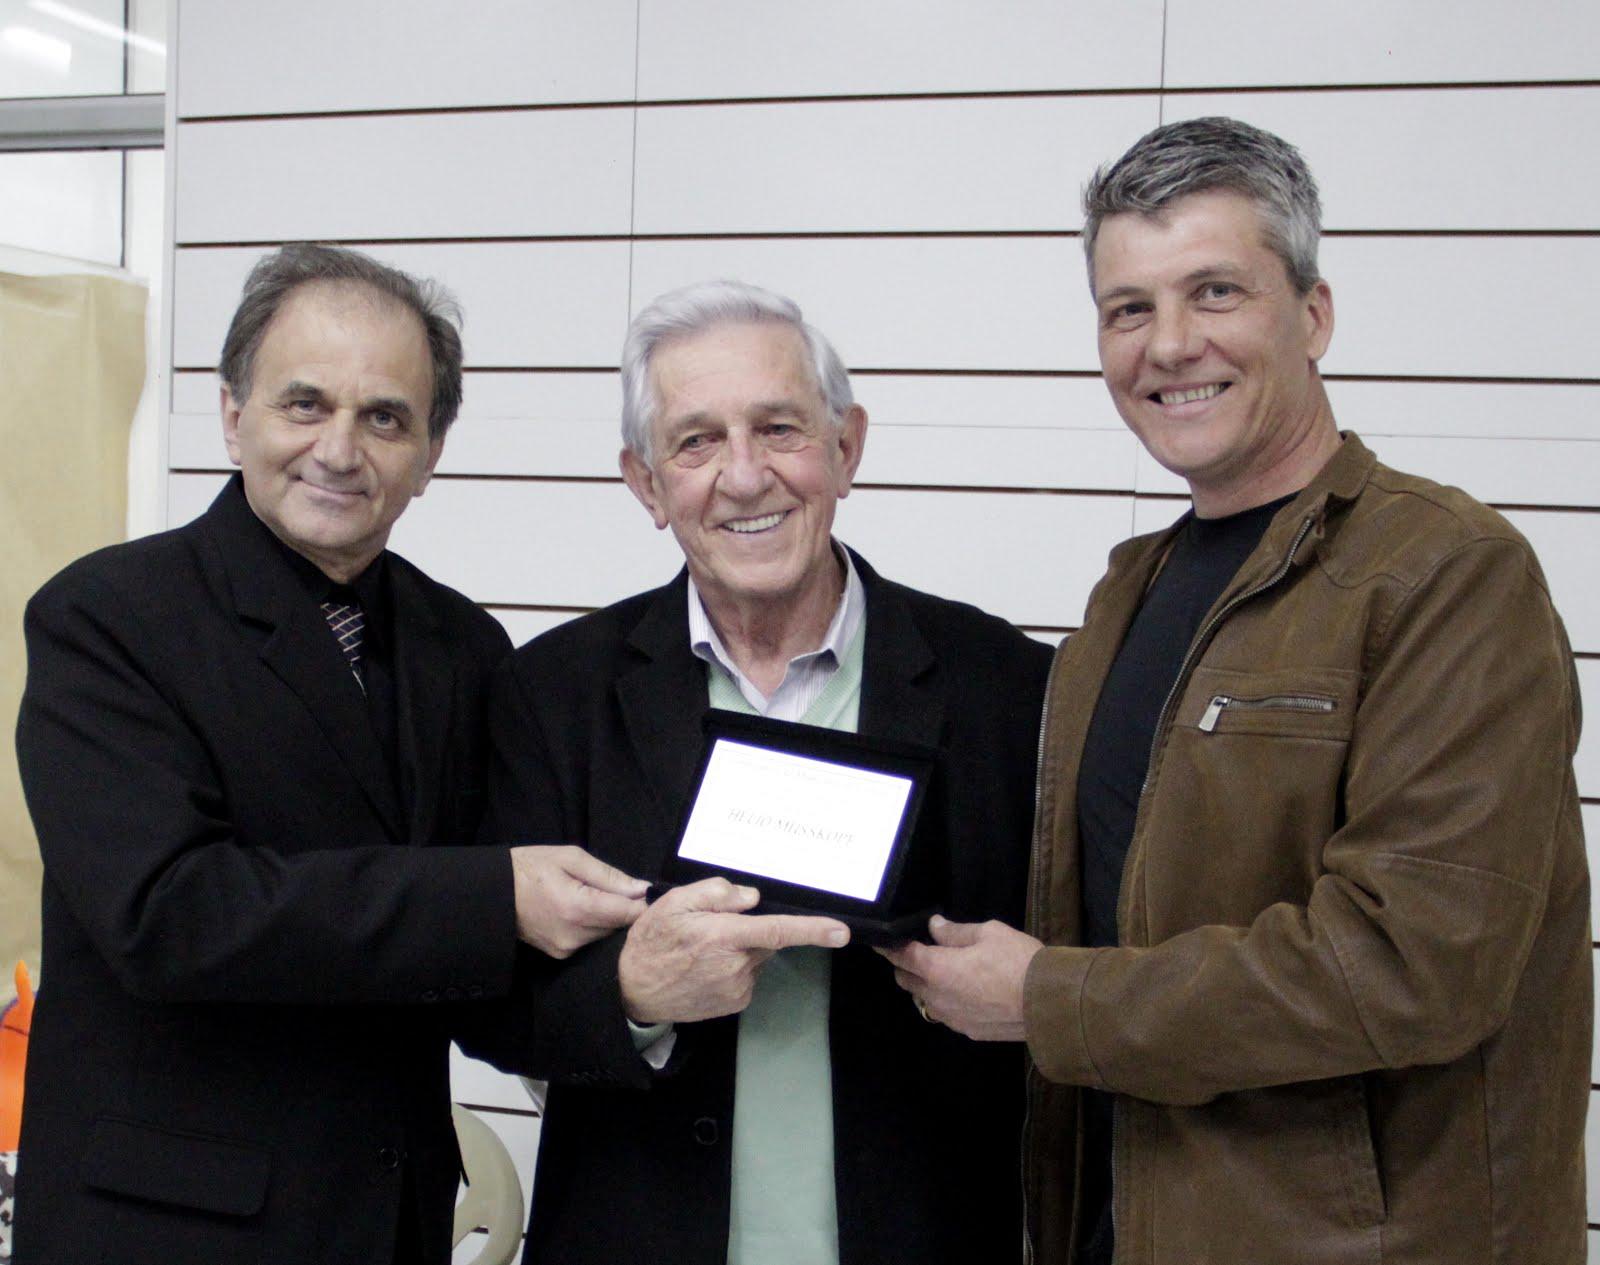 Airton Engster dos Santos, Hélio Musskopf e Marcelo Braun